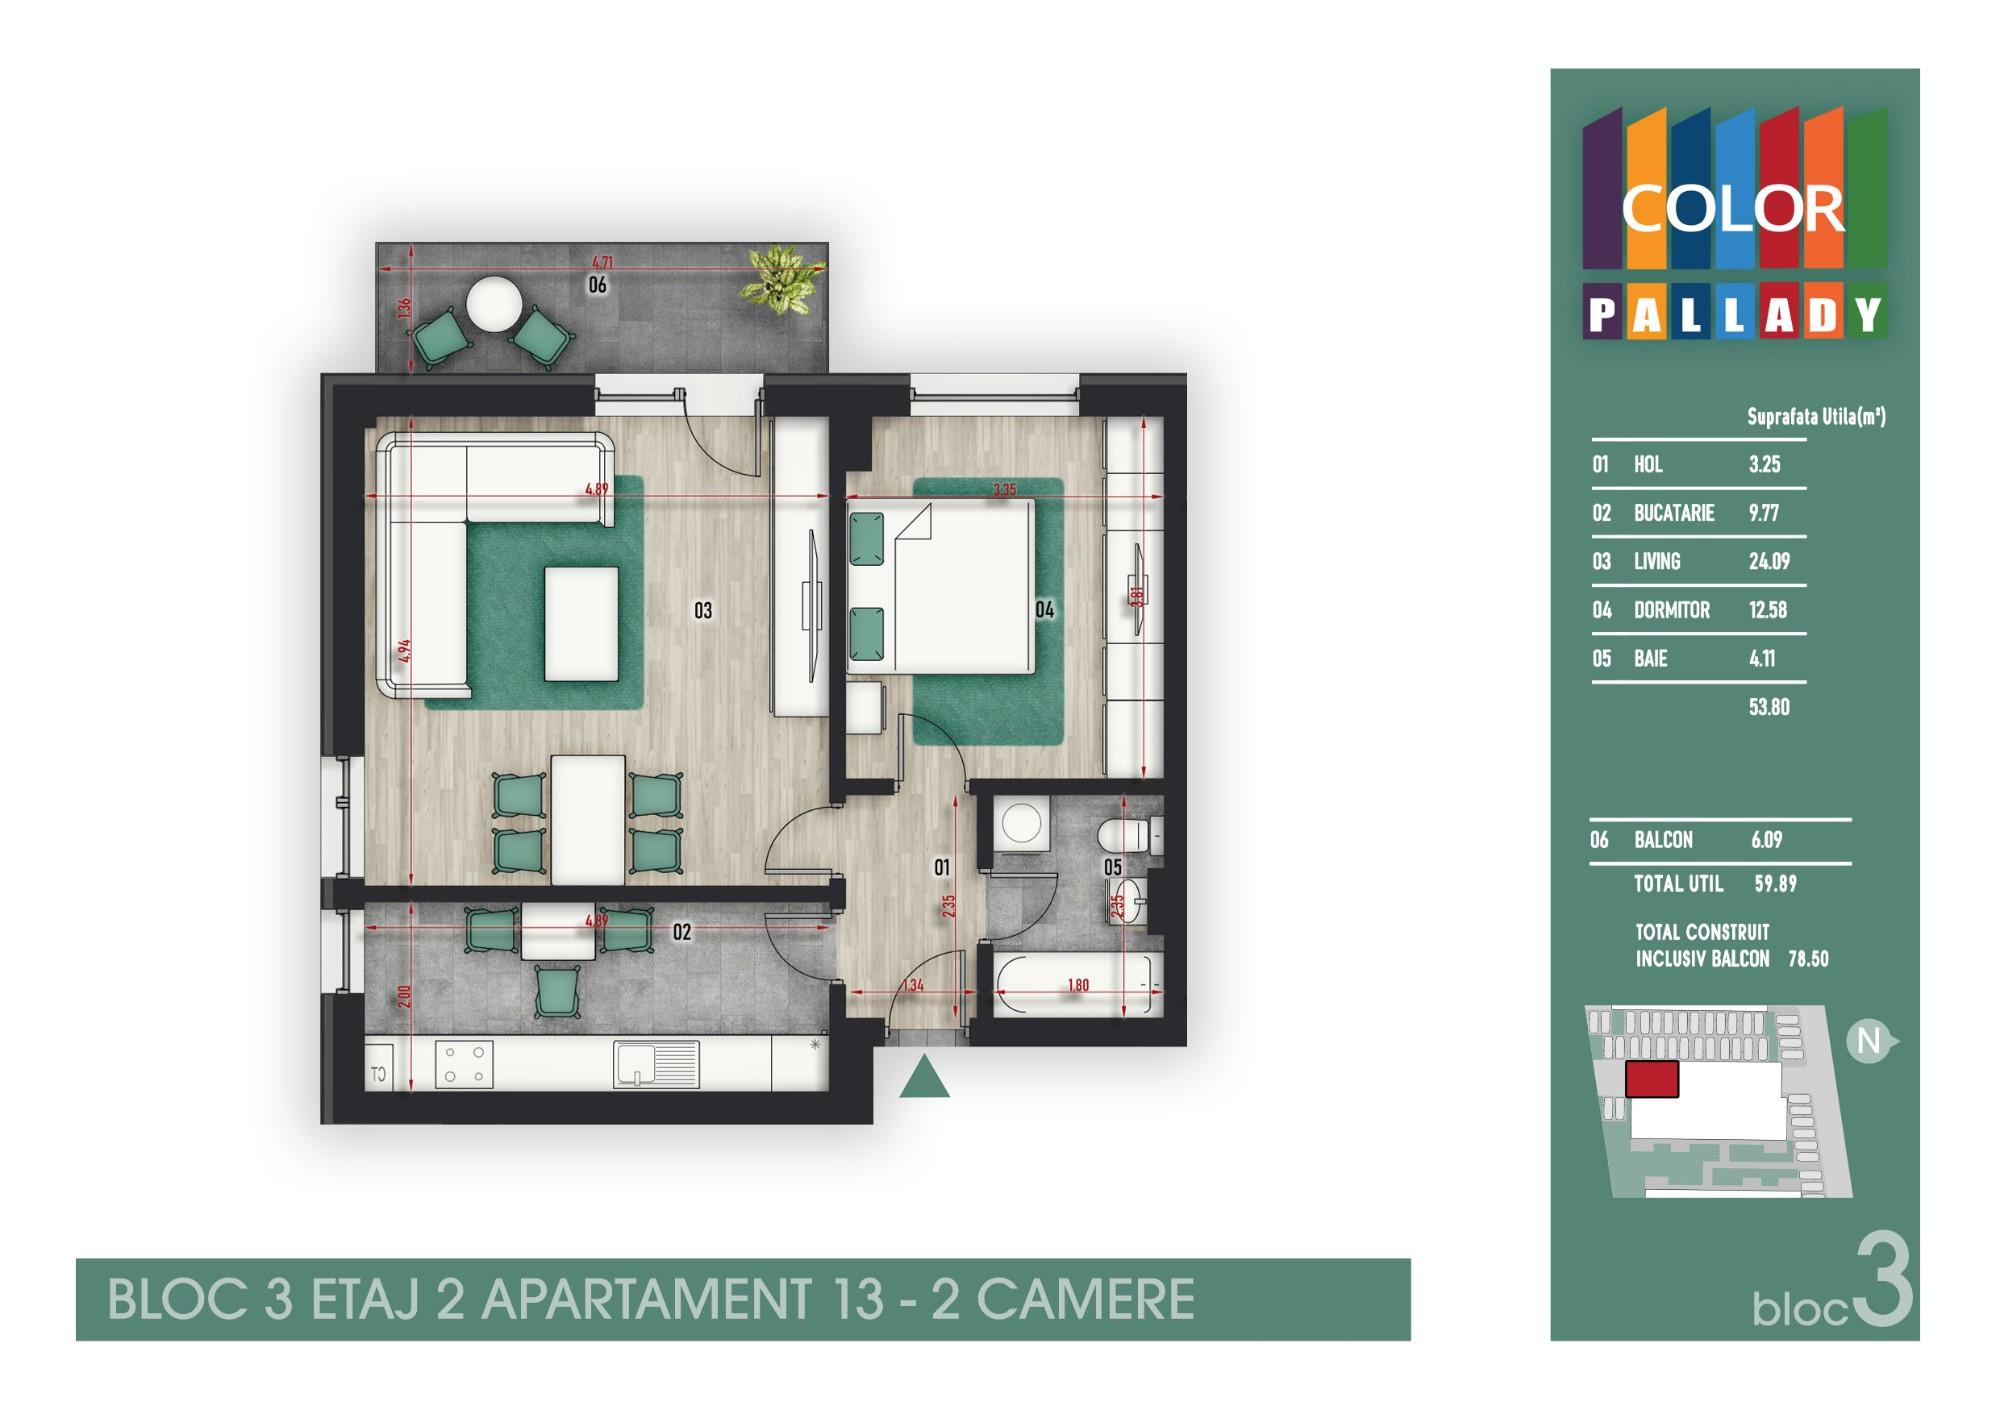 Bloc 3 - Etaj 2 - Apartament 13